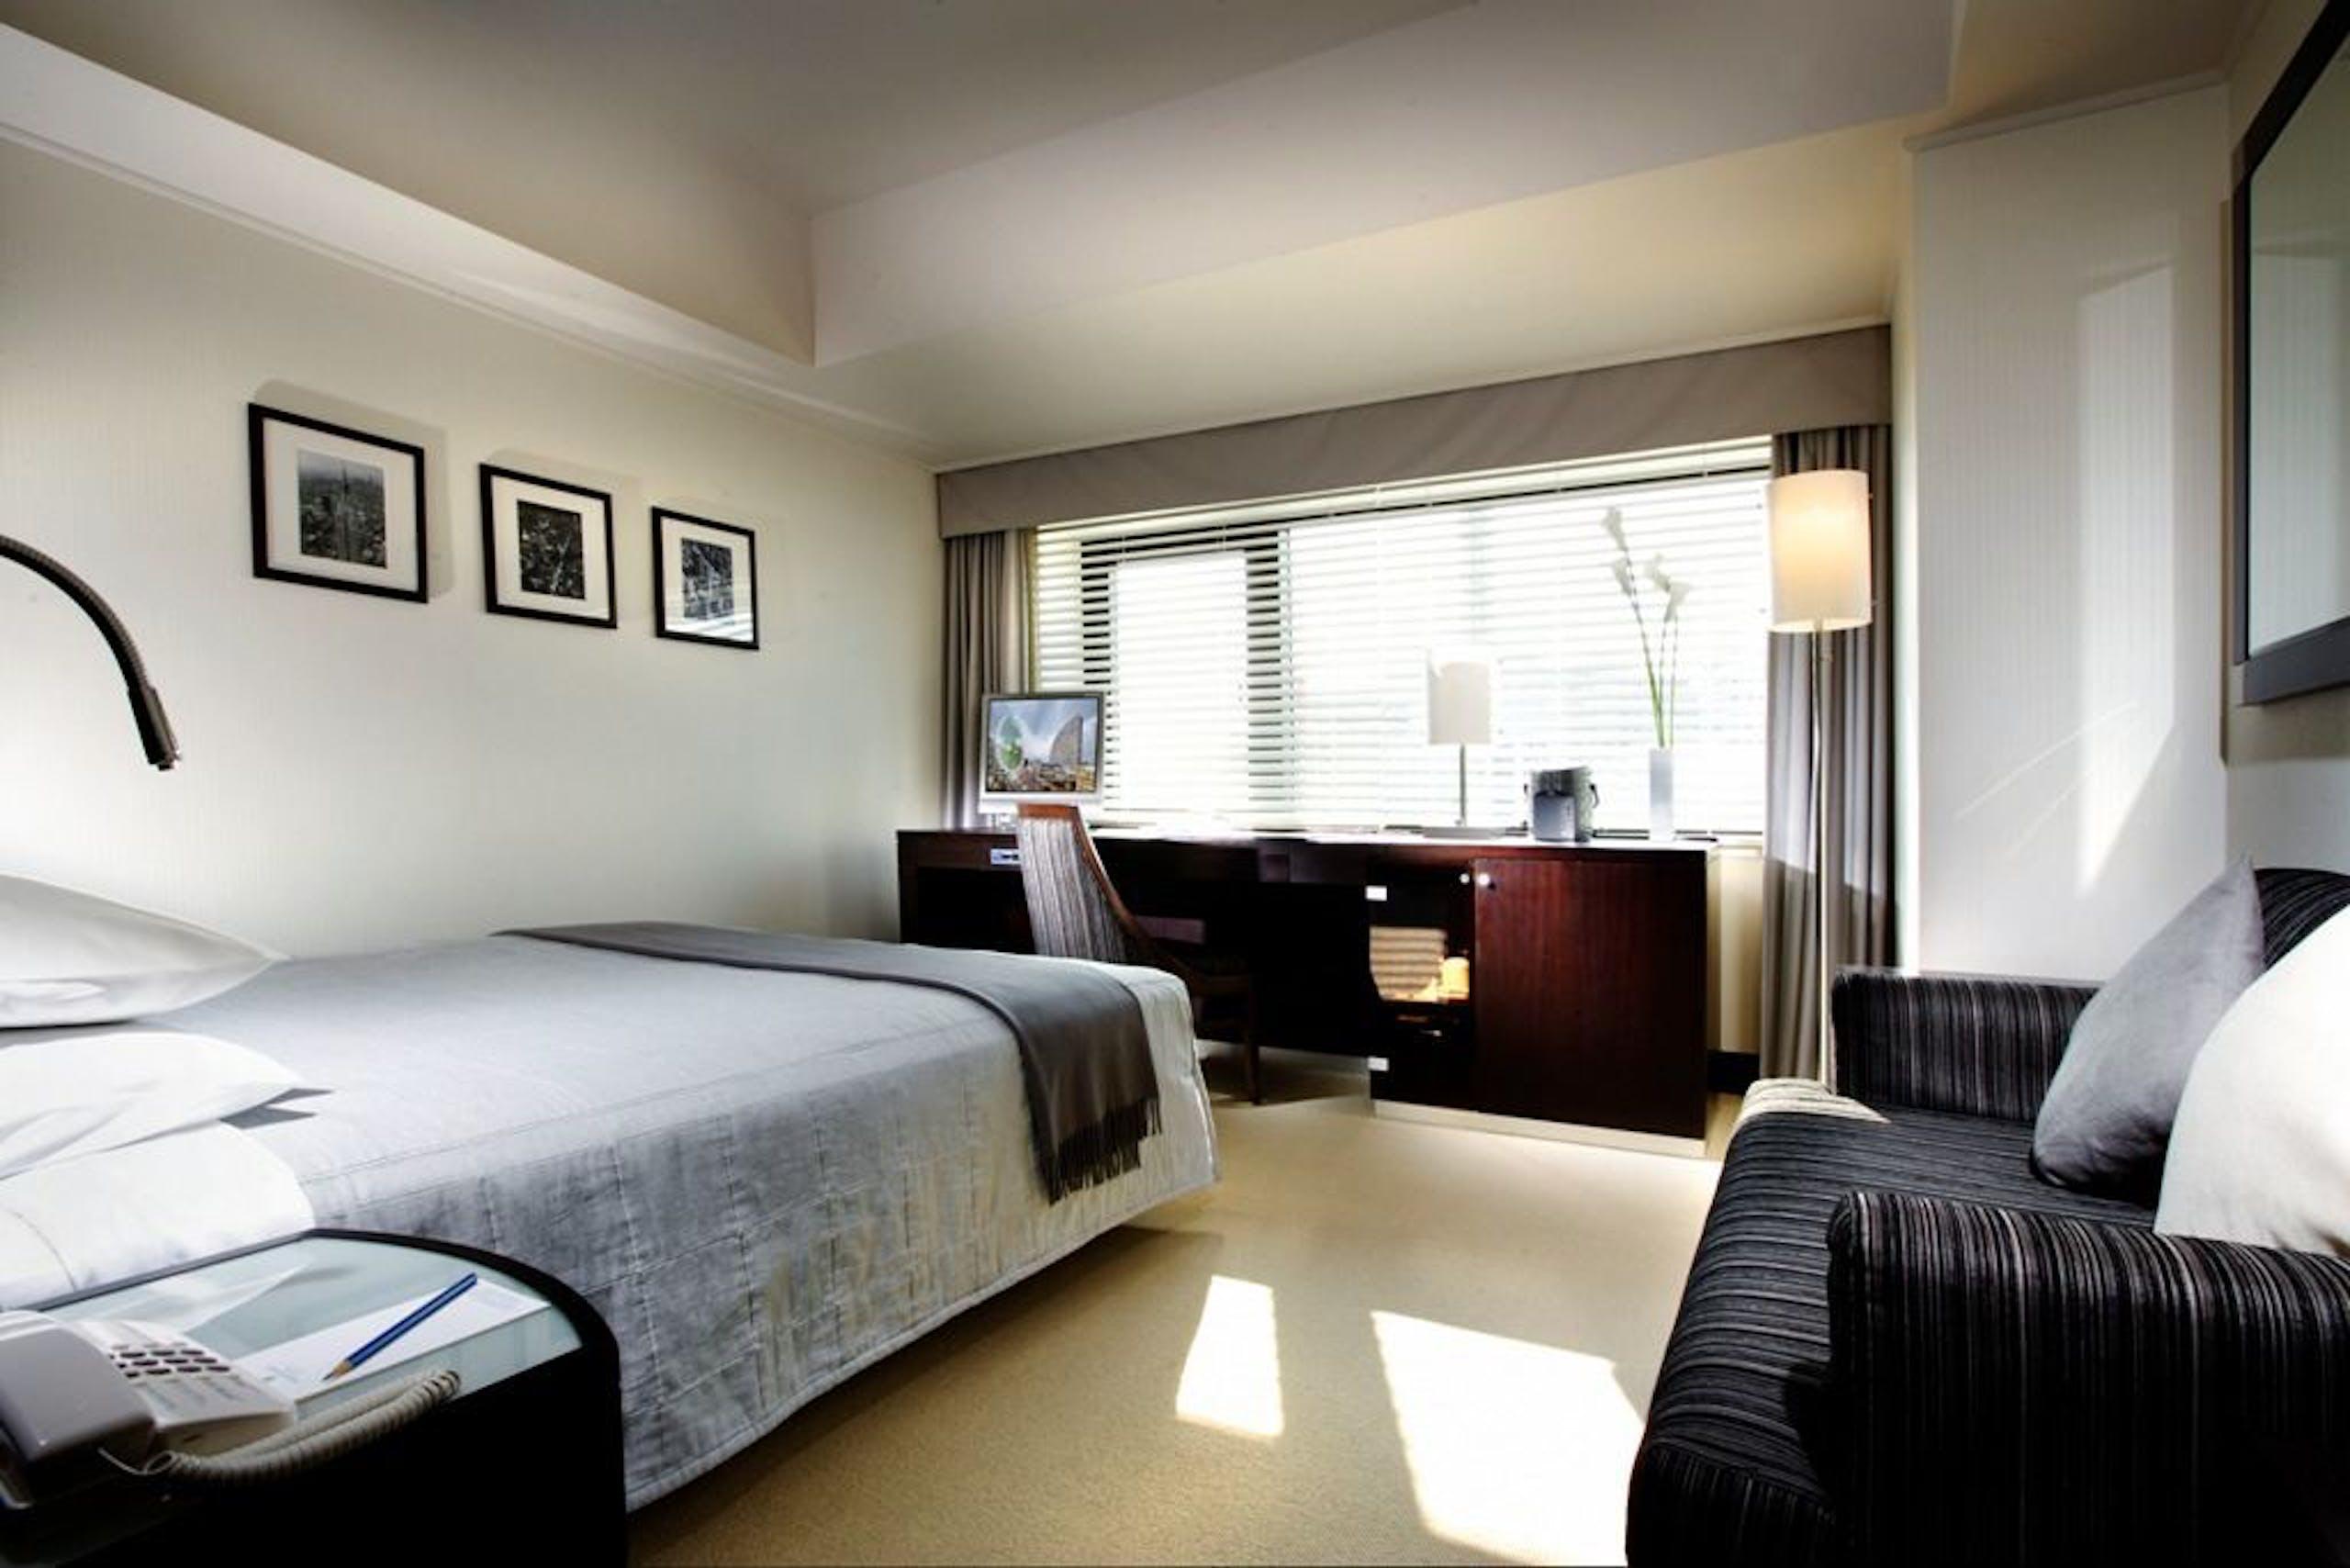 ヨコハマ・グランド・インターコンチネンタル・ホテル